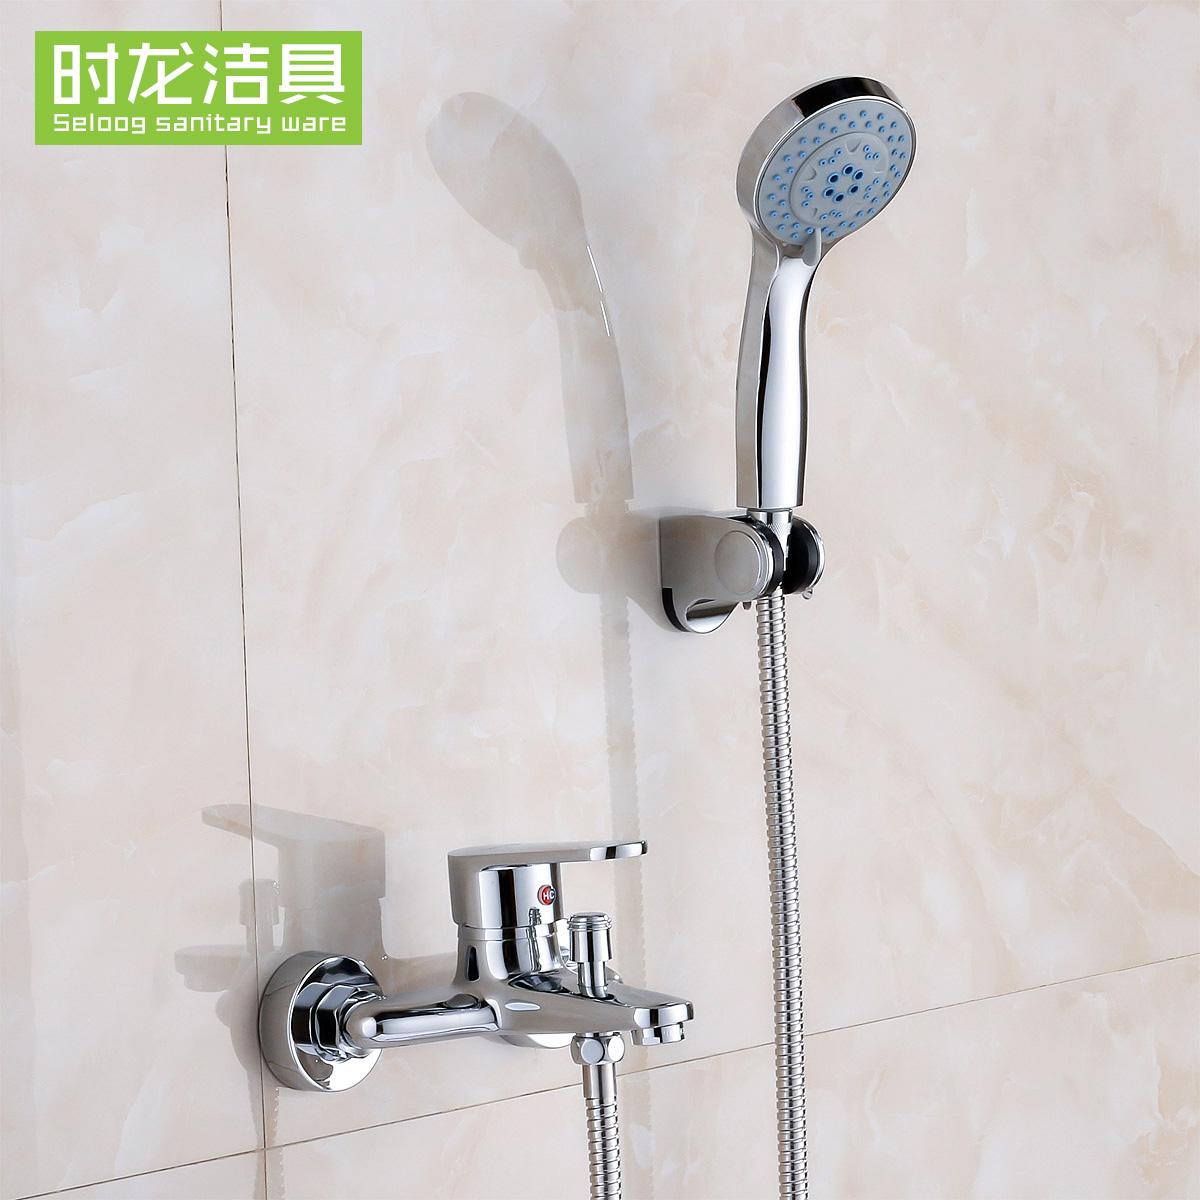 时龙全铜浴缸淋浴单花洒141004